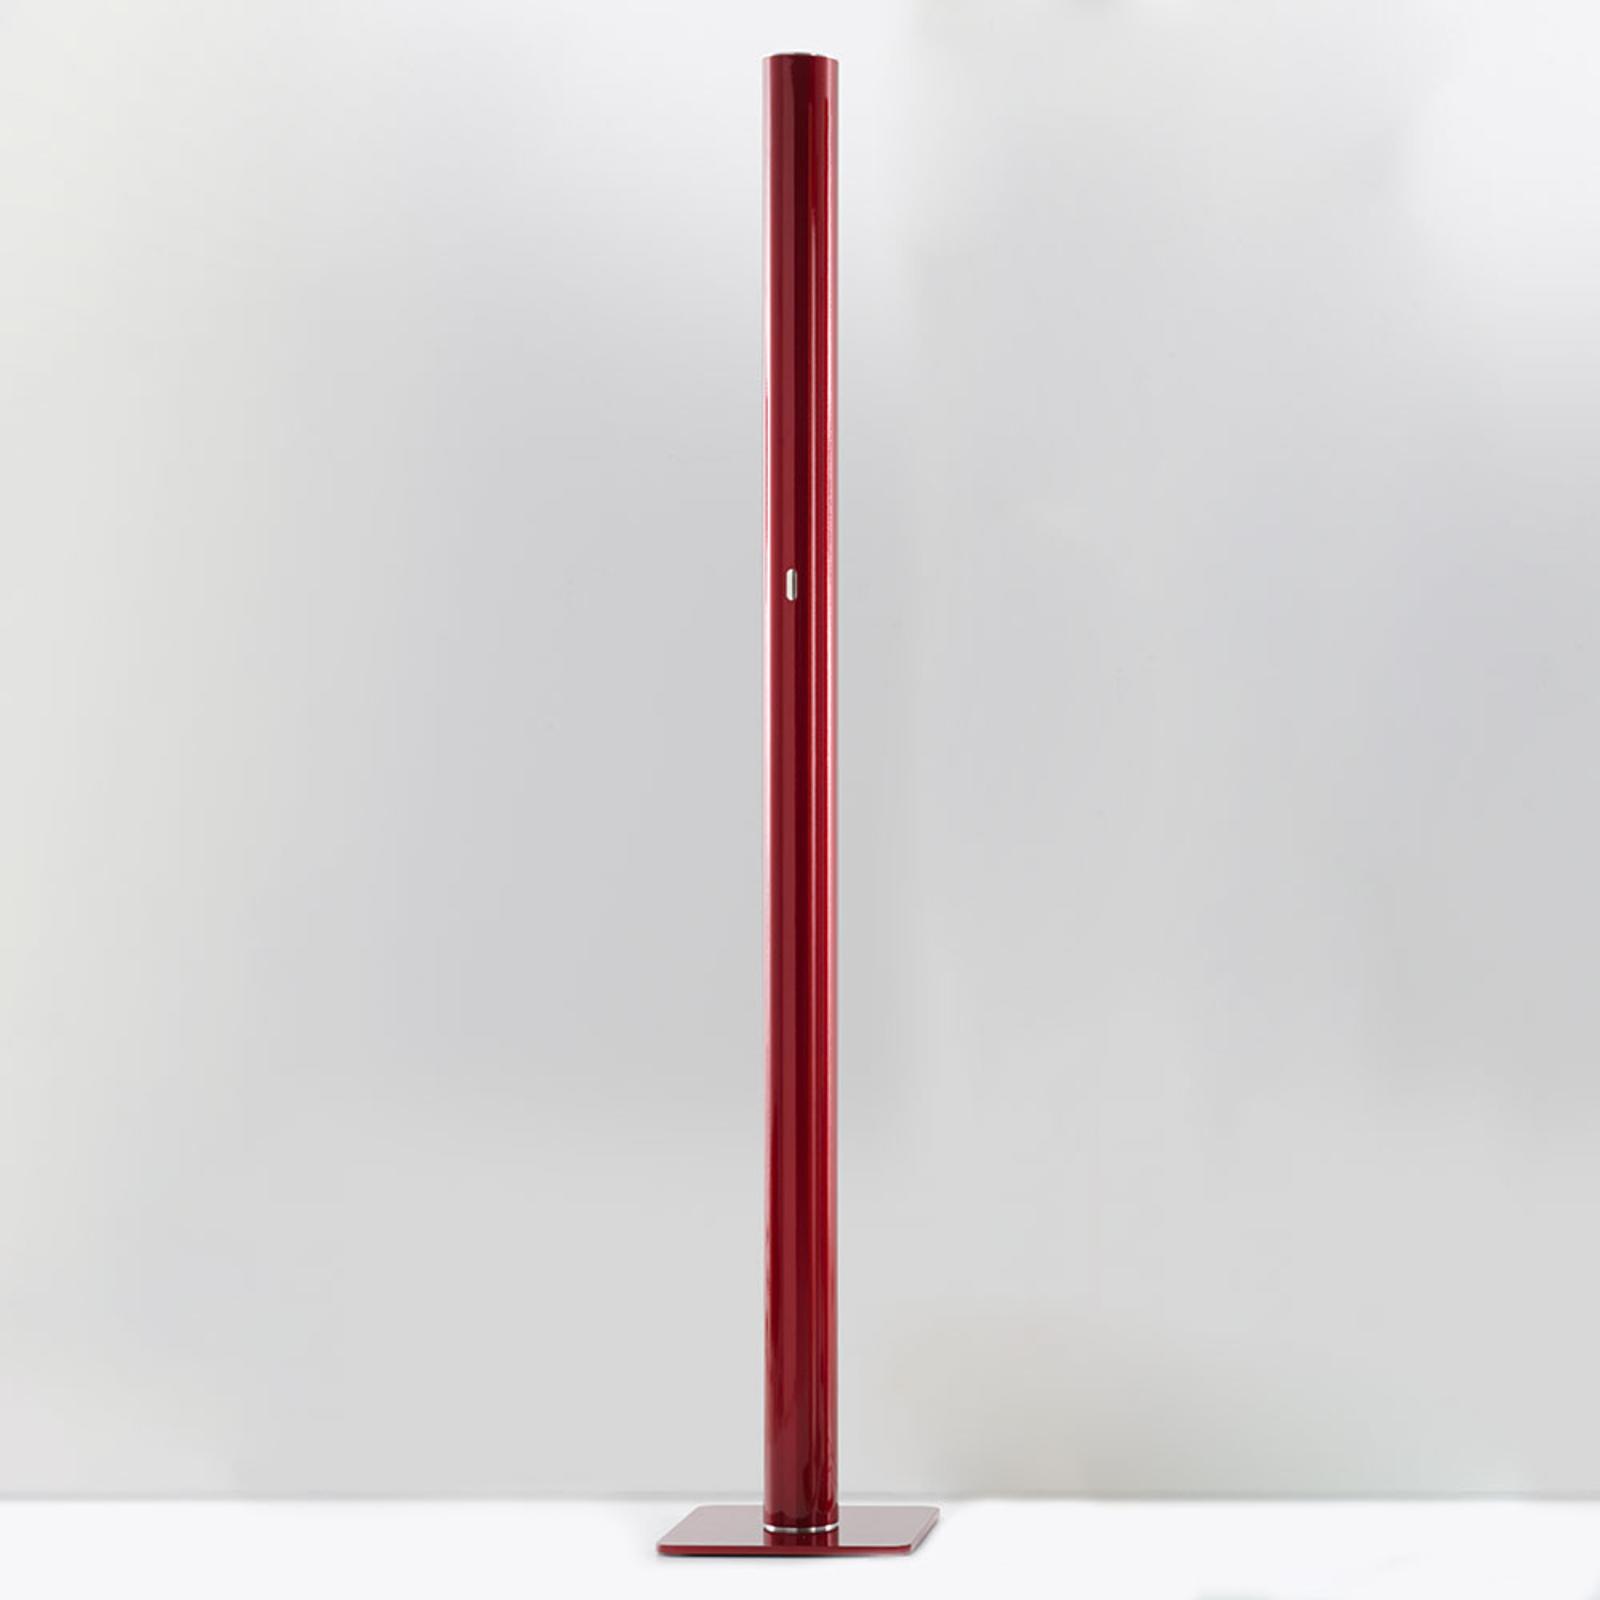 Artemide Ilio - LED-Stehleuchte, App, rot, 3000K